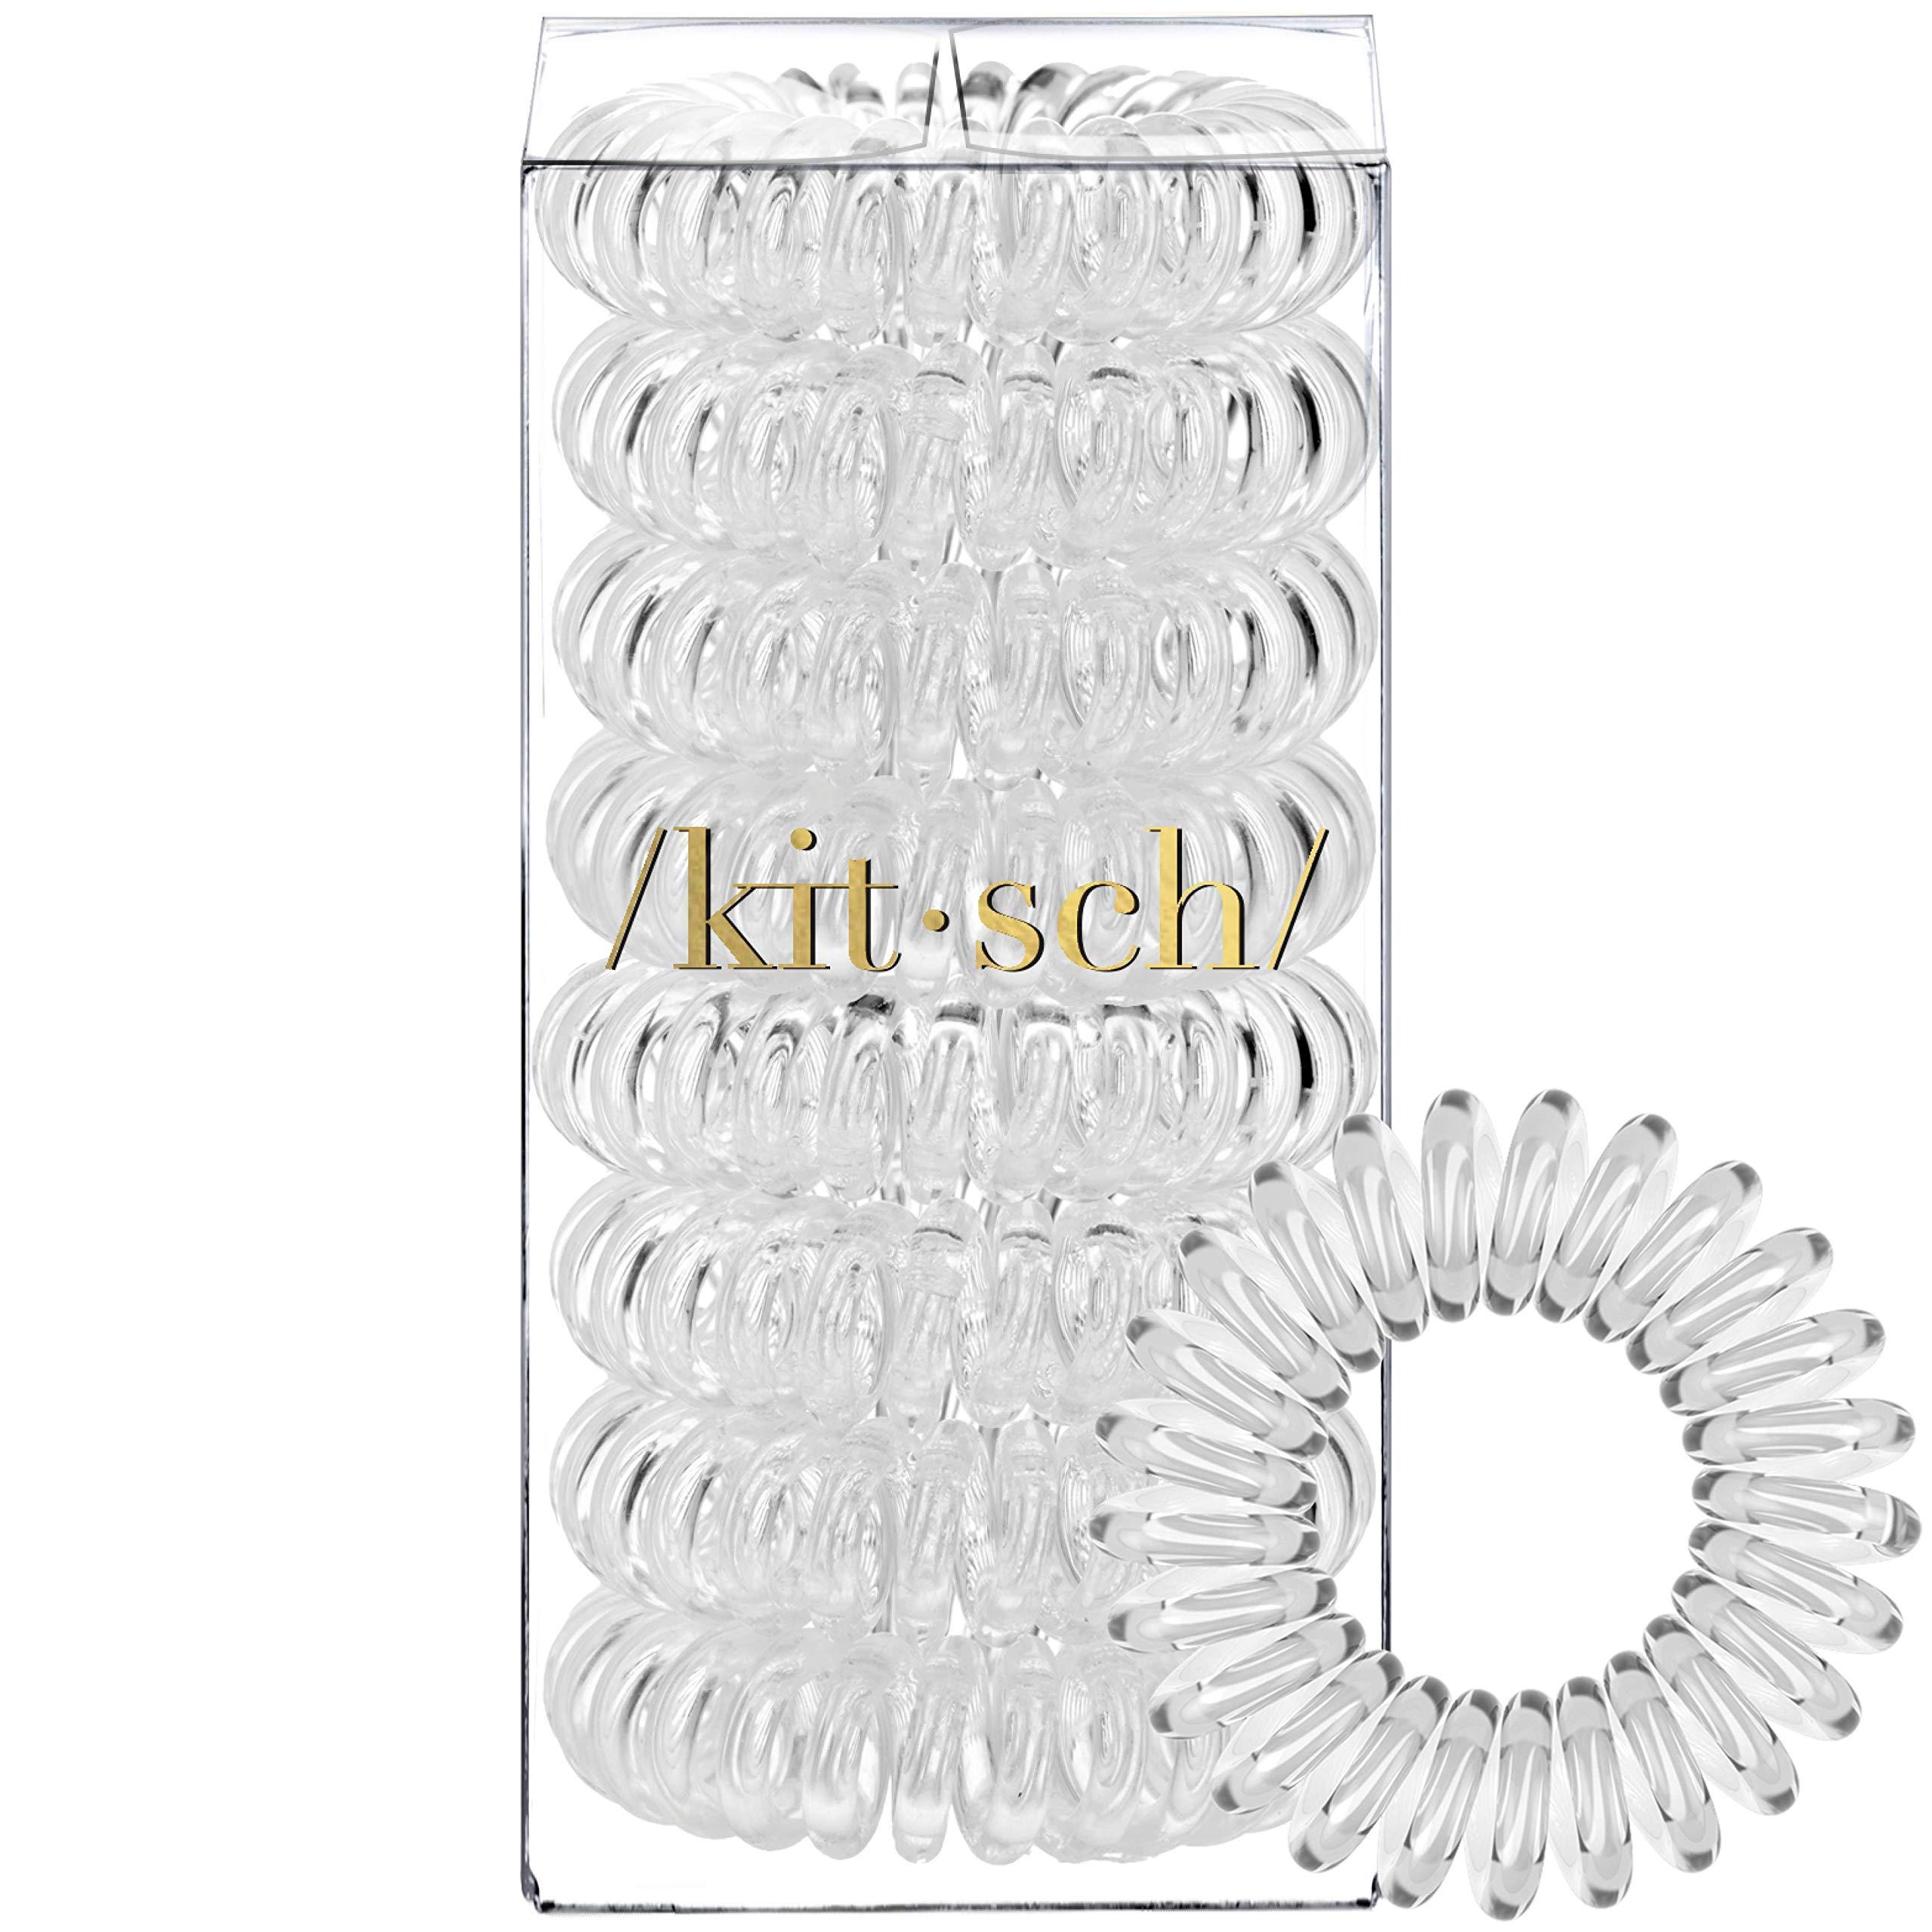 Kitsch Spiral Hair Ties, Coil Hair Ties, Phone Cord Hair Ties, Hair Coils – 8 Pcs, Transparent